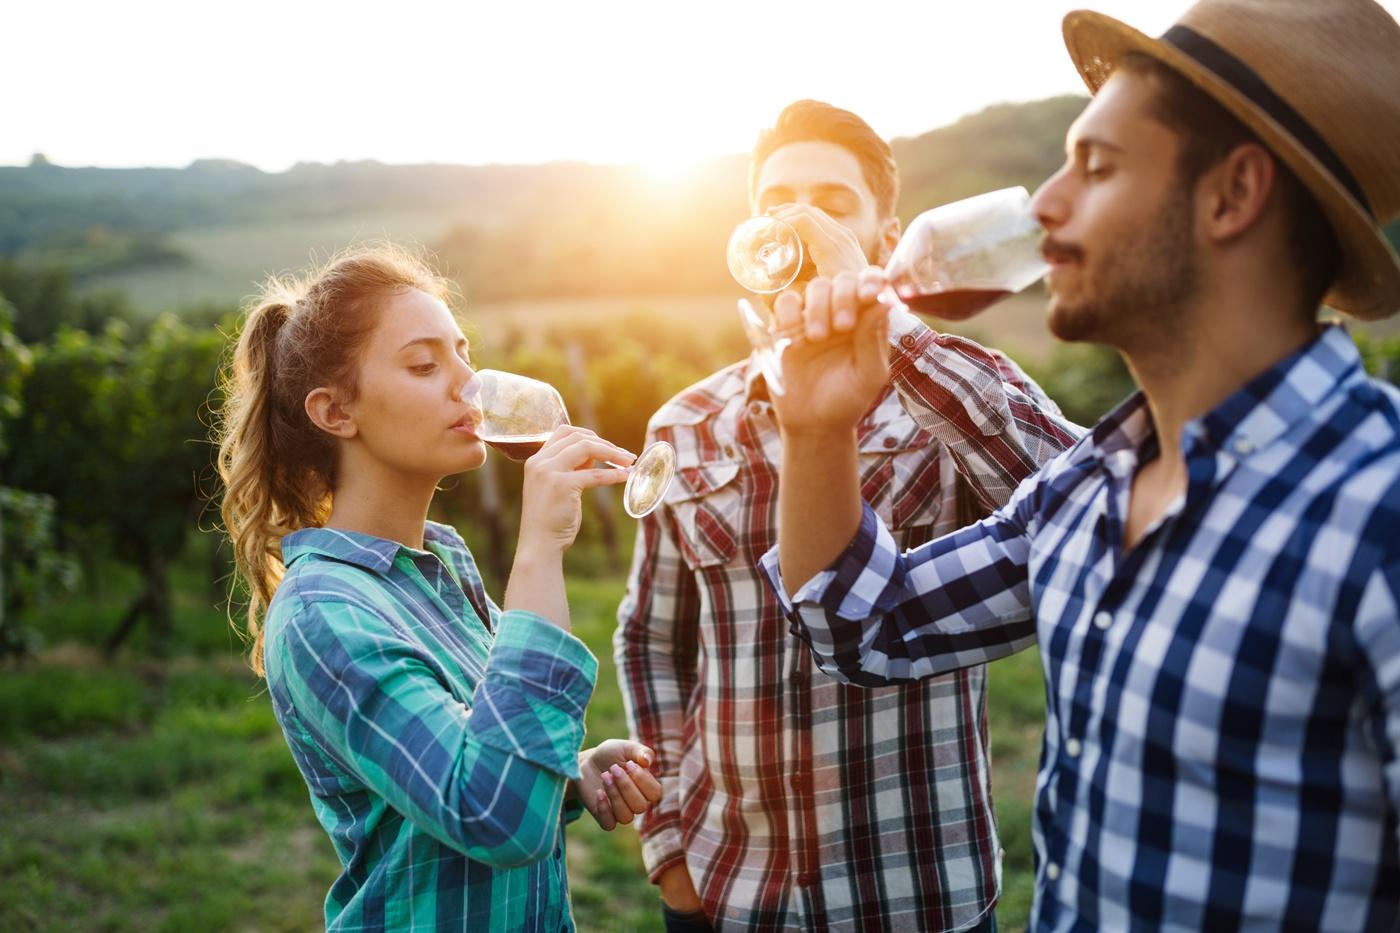 Les 26 et 27 juillet, pique-niquez chez un vigneron indépendant à Gevrey, Meursault ou Volnay